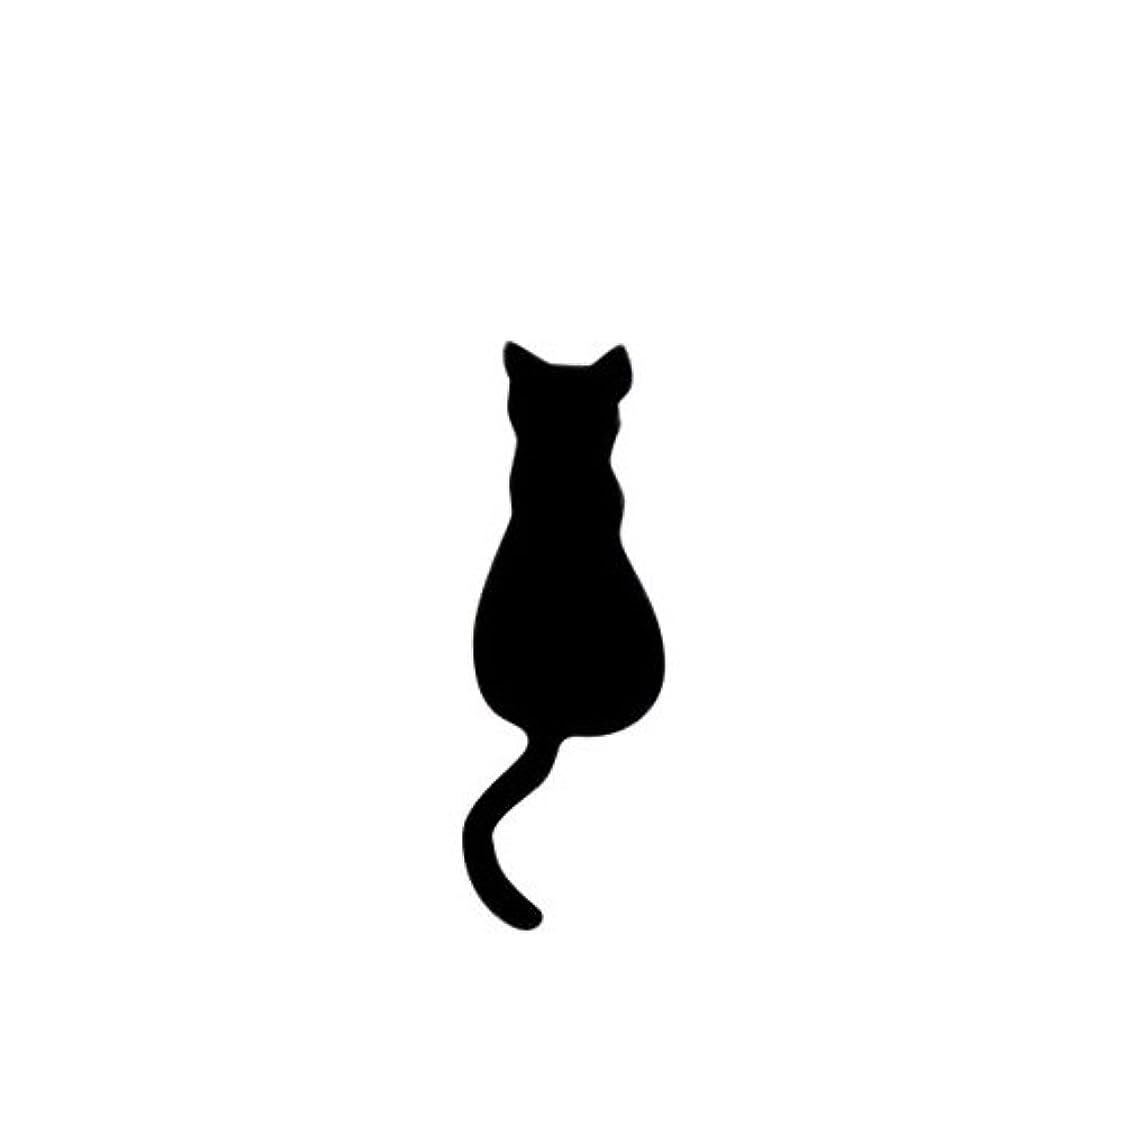 リトルプリティー ネイルアートパーツ 猫4 ブラック 10個